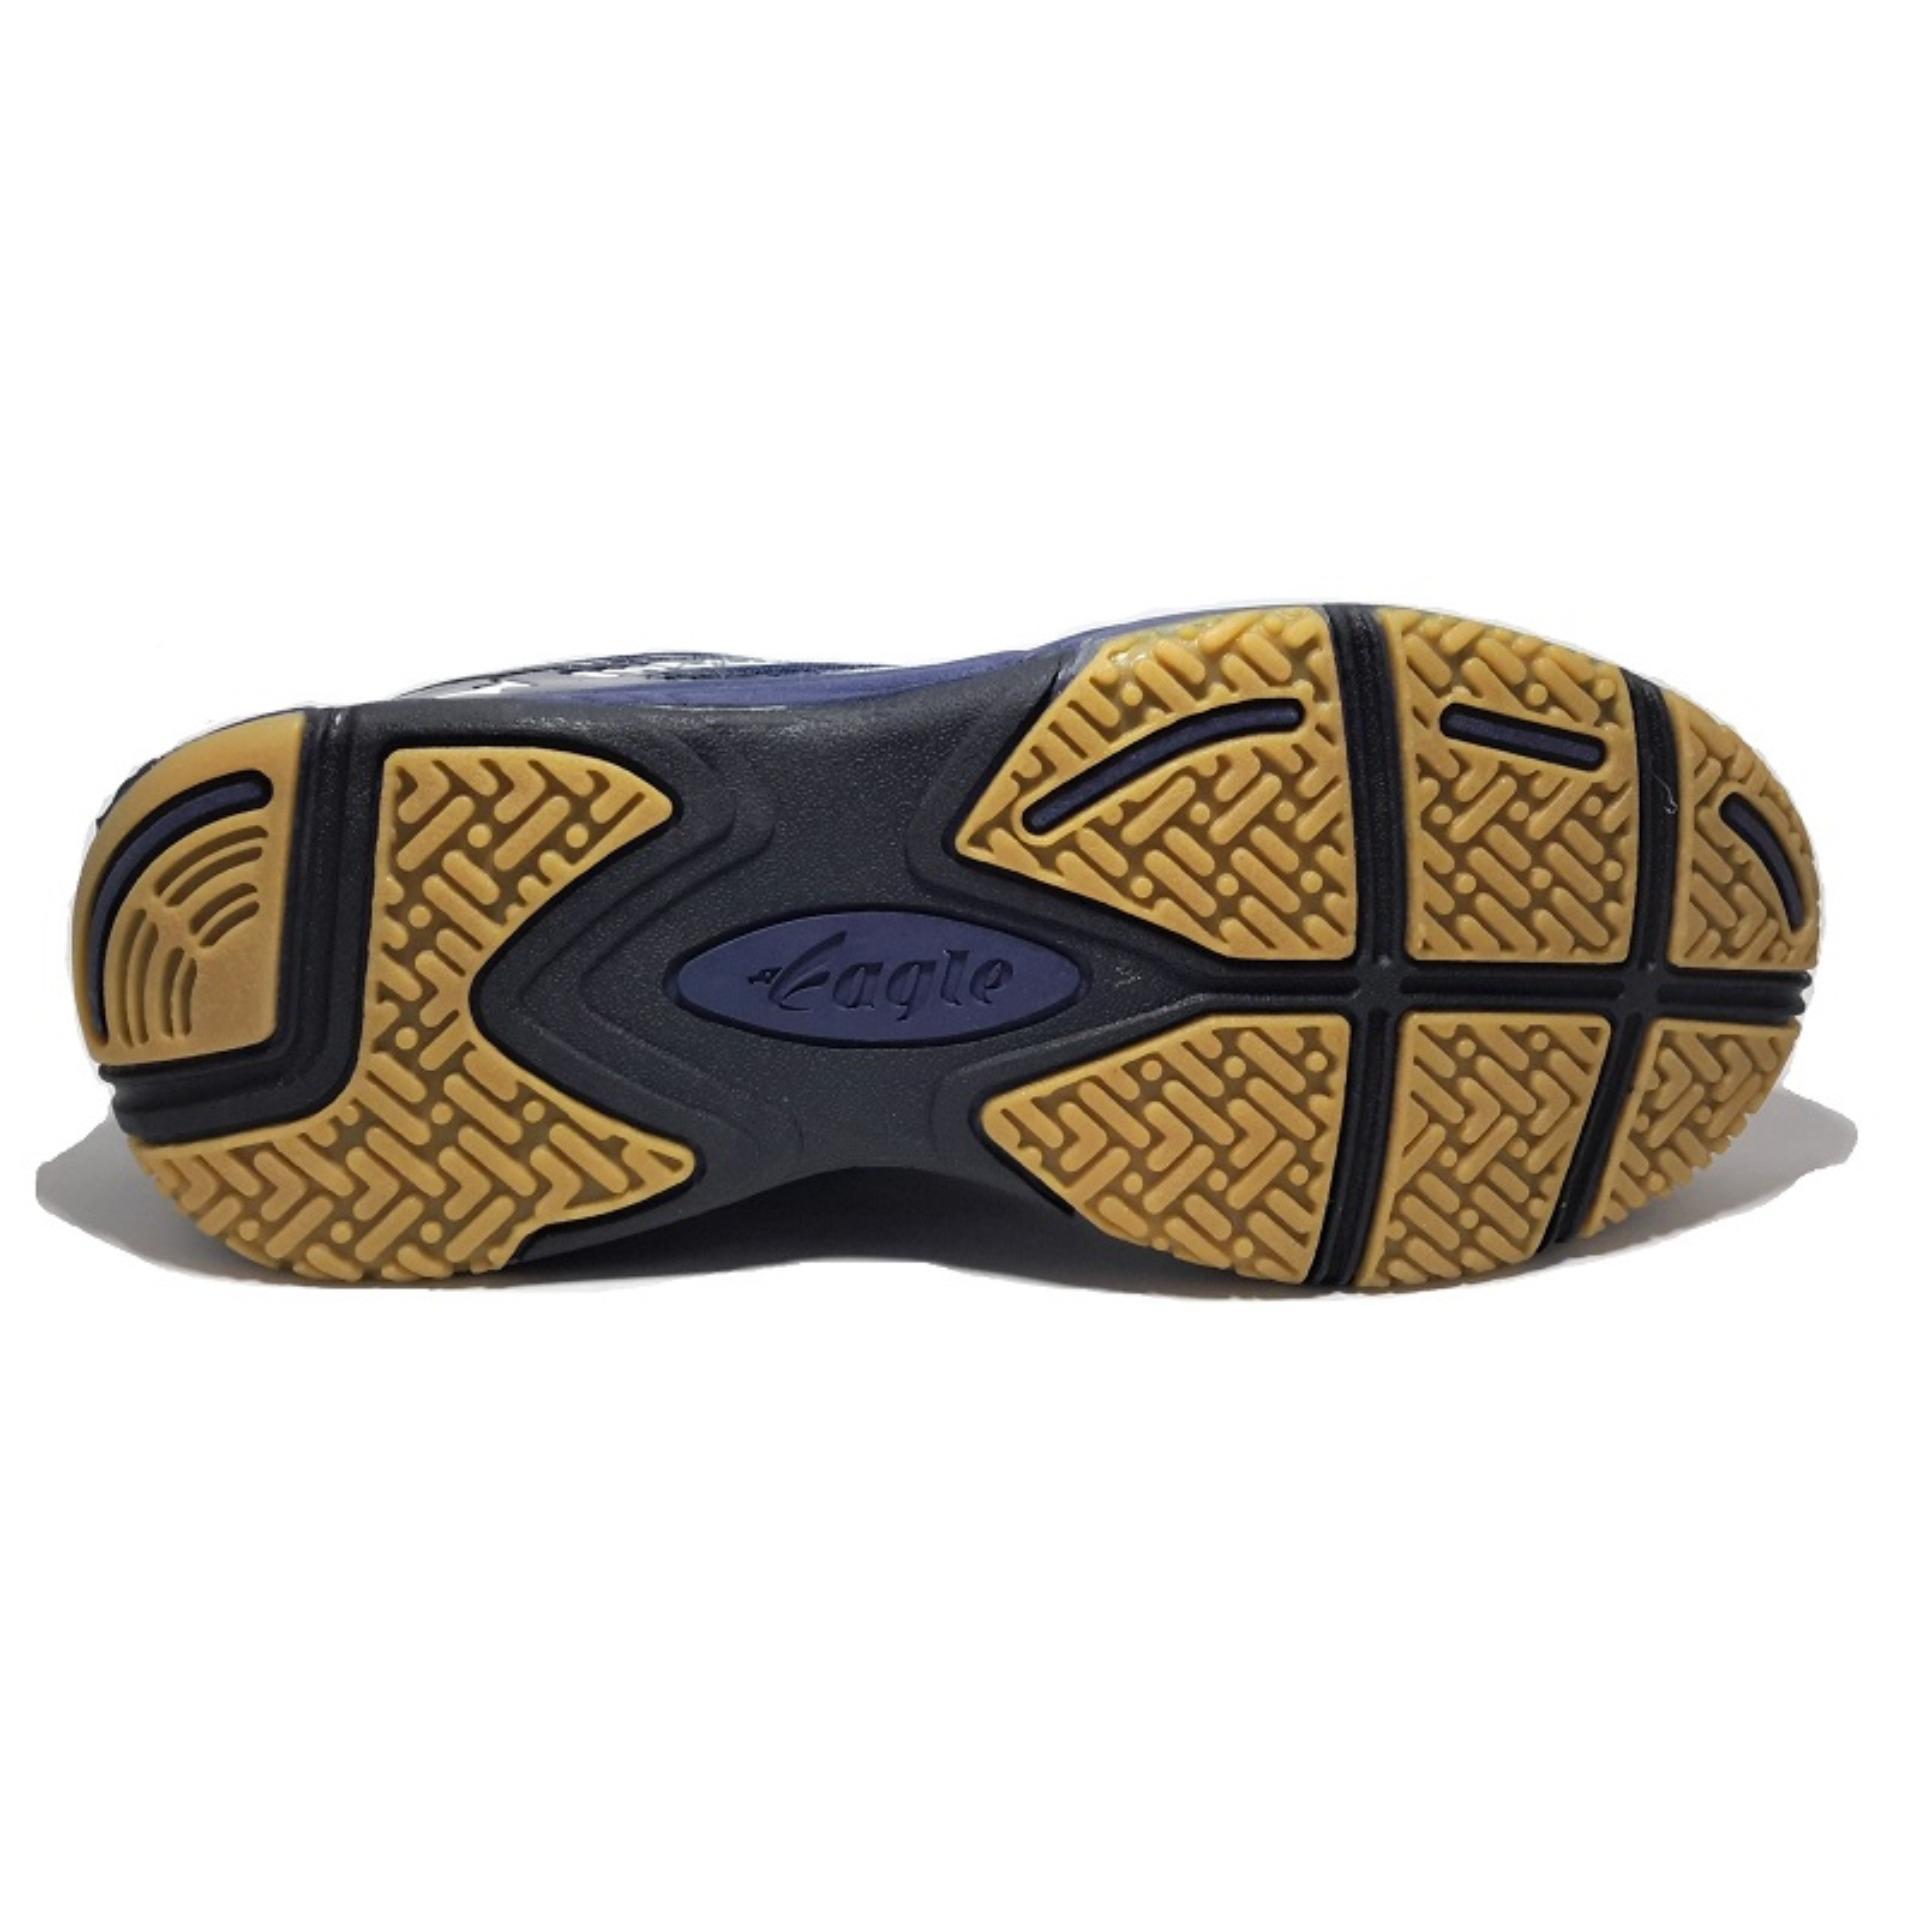 Periksa Peringkat Eagle Optimum Sepatu Badminton Putih Biru Price Eclipse